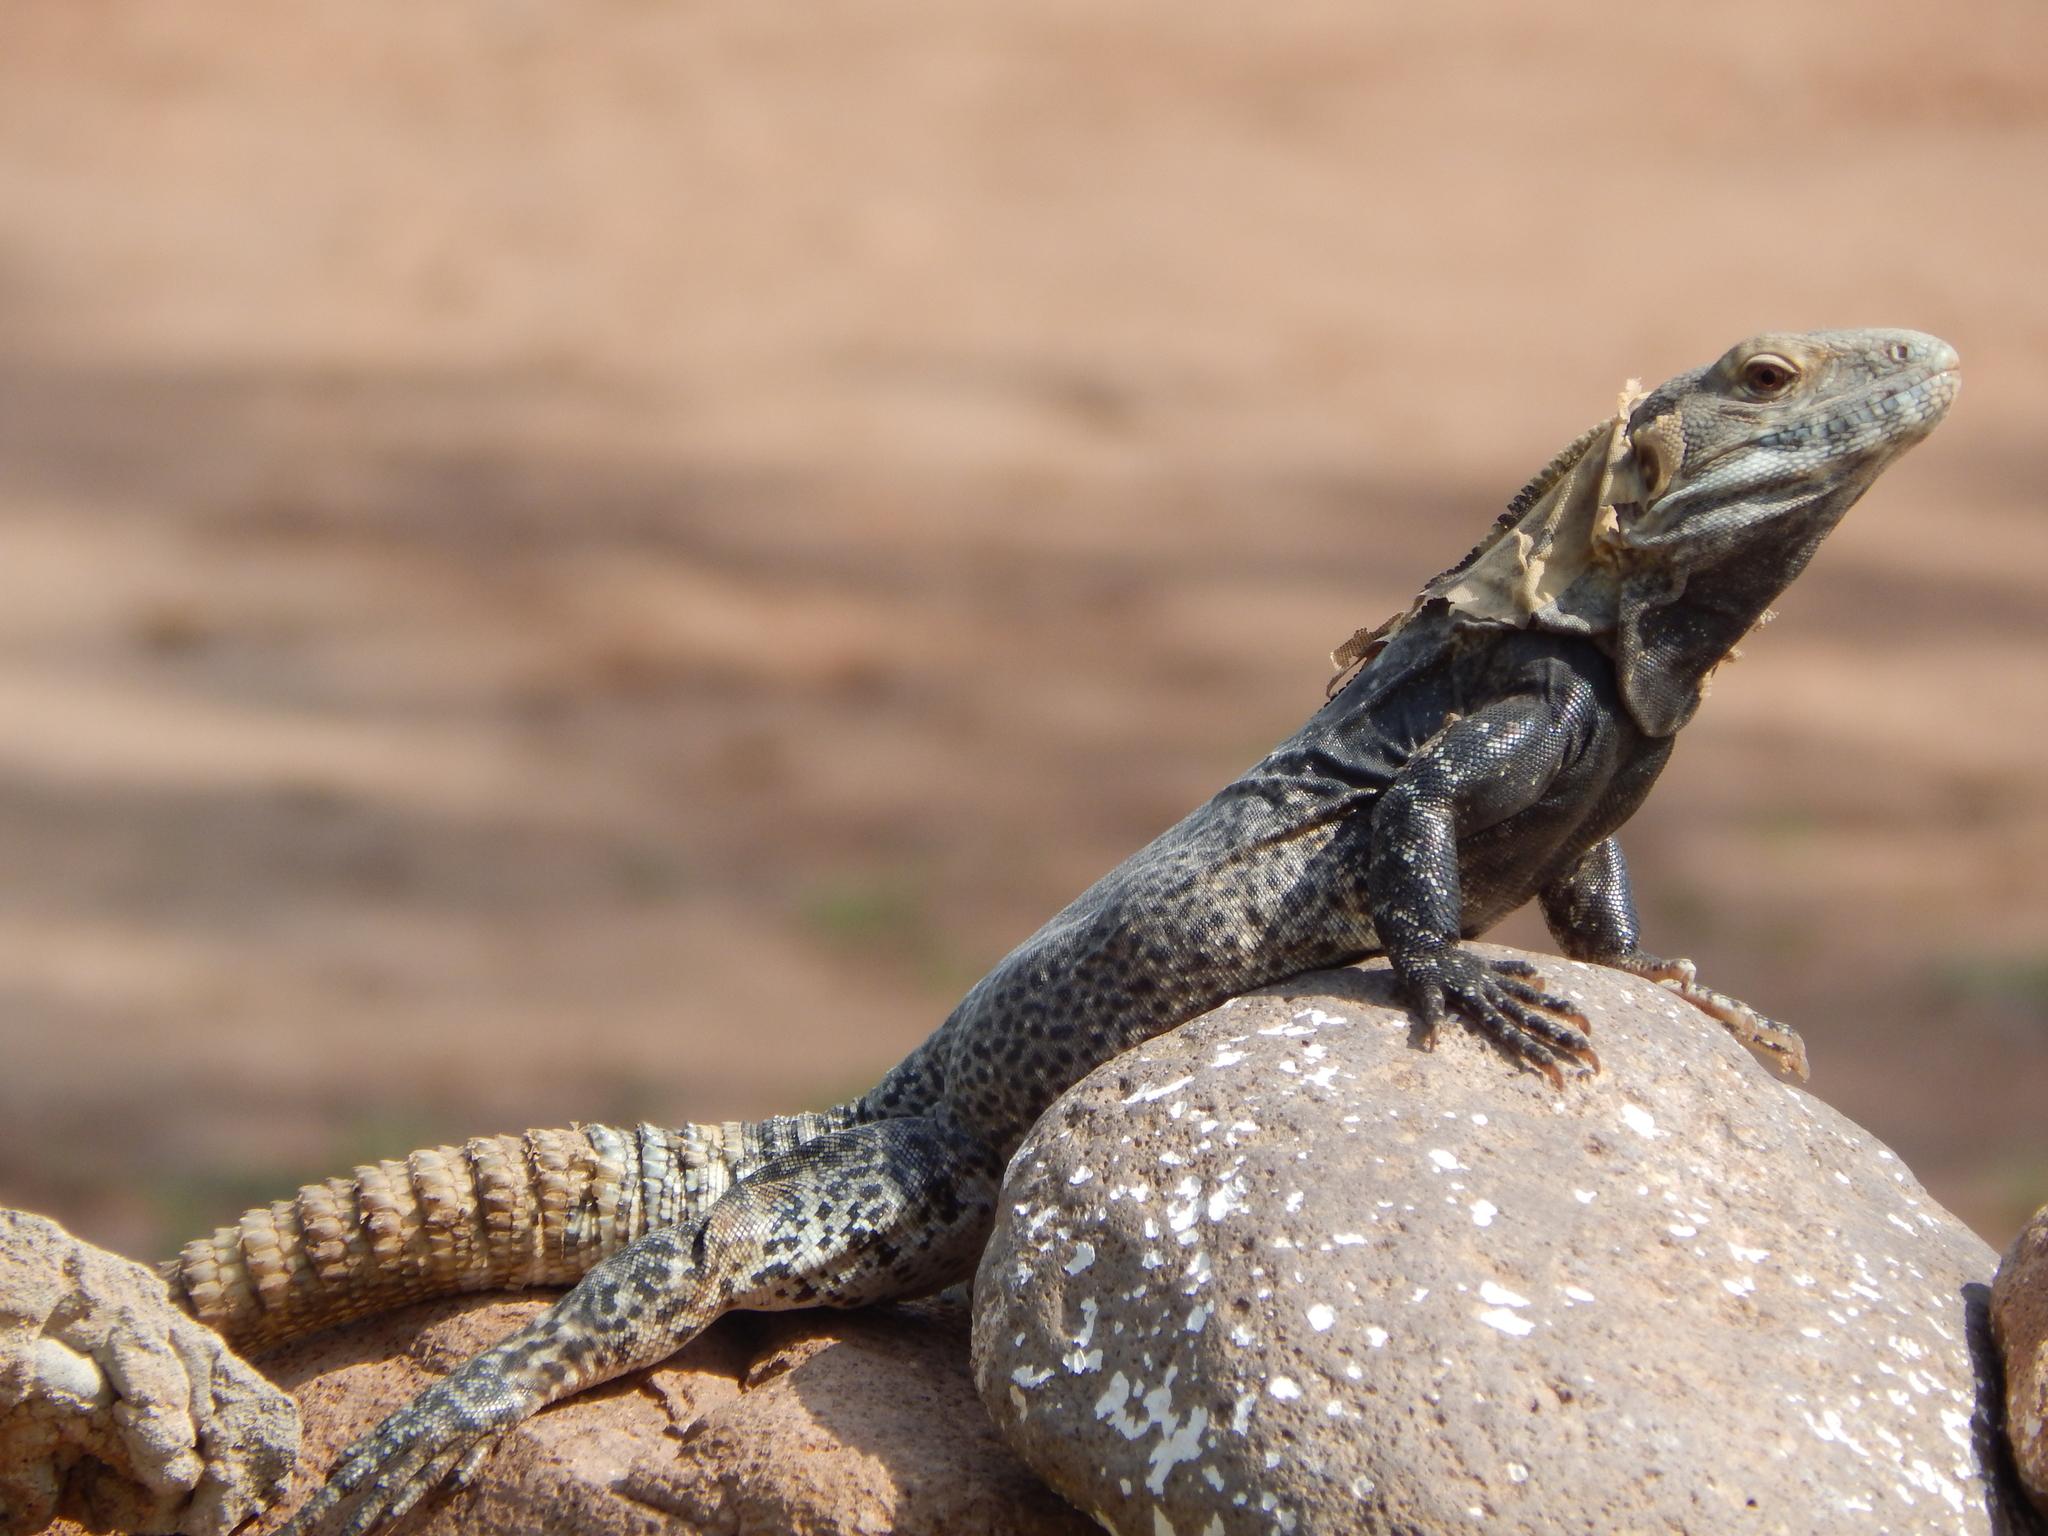 Las iguanas mas bellas y exóticas tipos y características en paralasiguanas.top